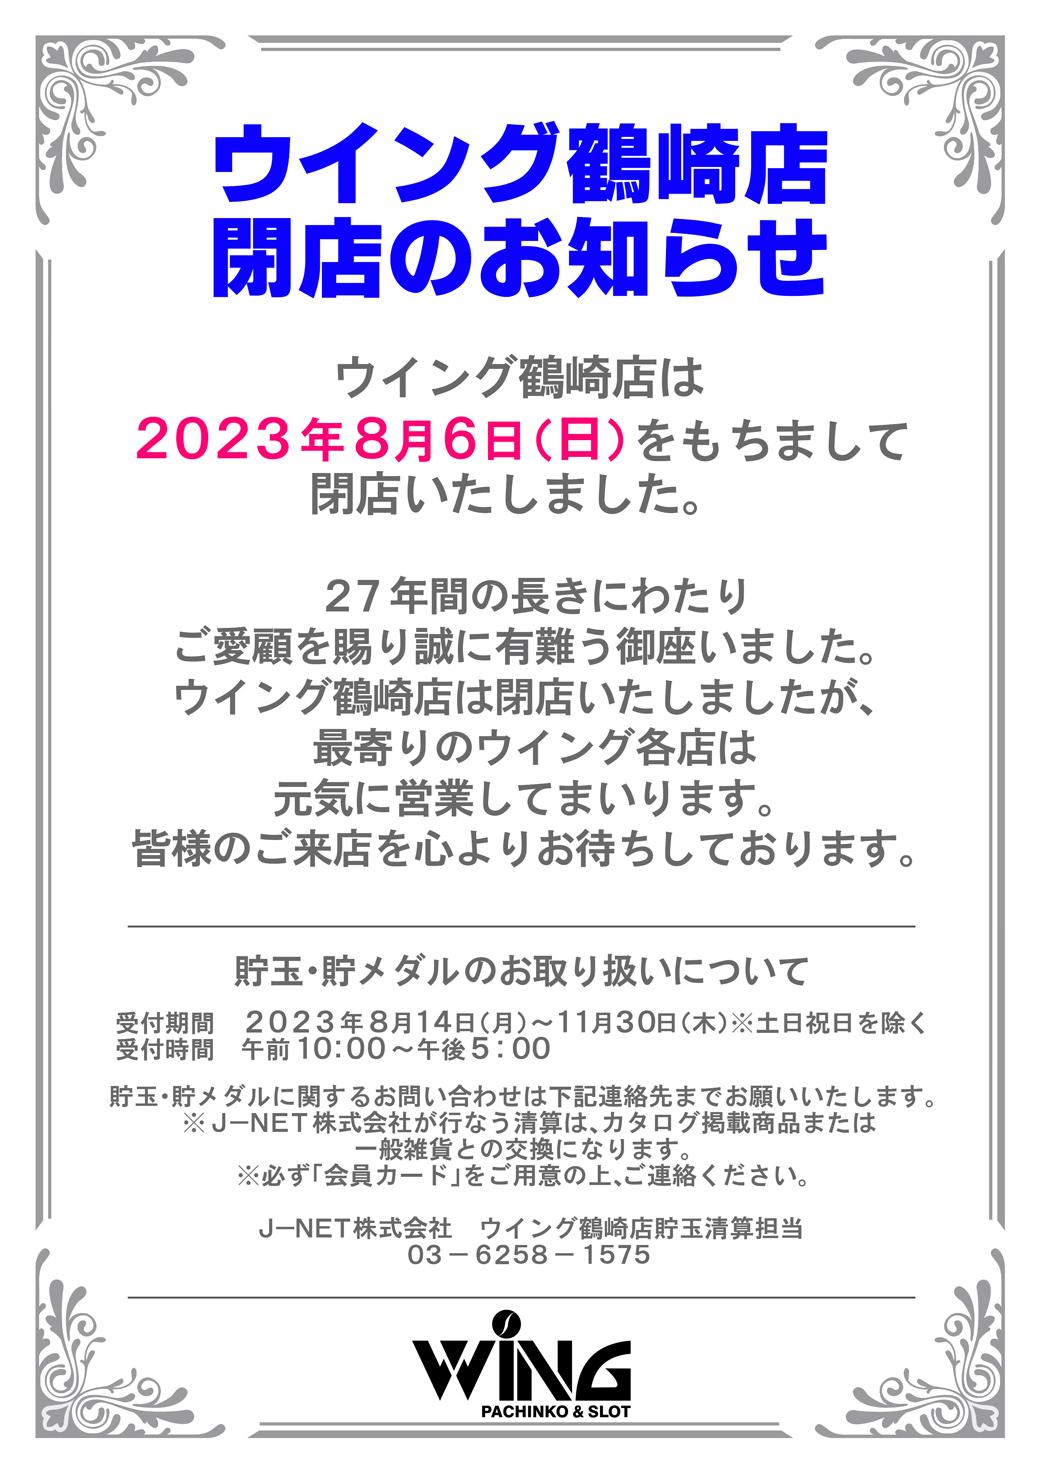 8/20(火)大幅配置変更店内配置図